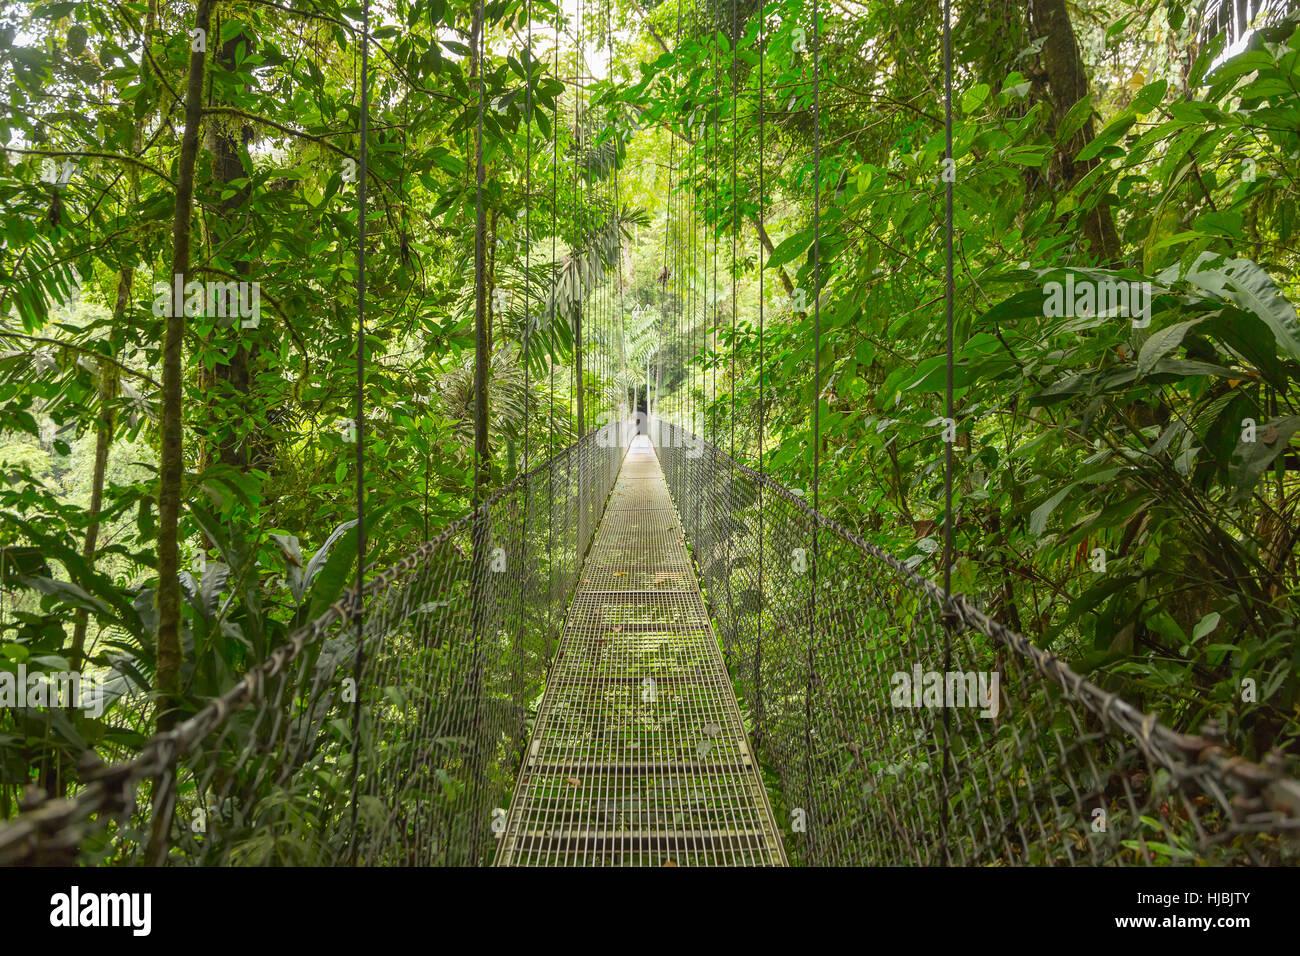 Ponte sospeso al naturale parco della foresta pluviale in Costa Rica Immagini Stock